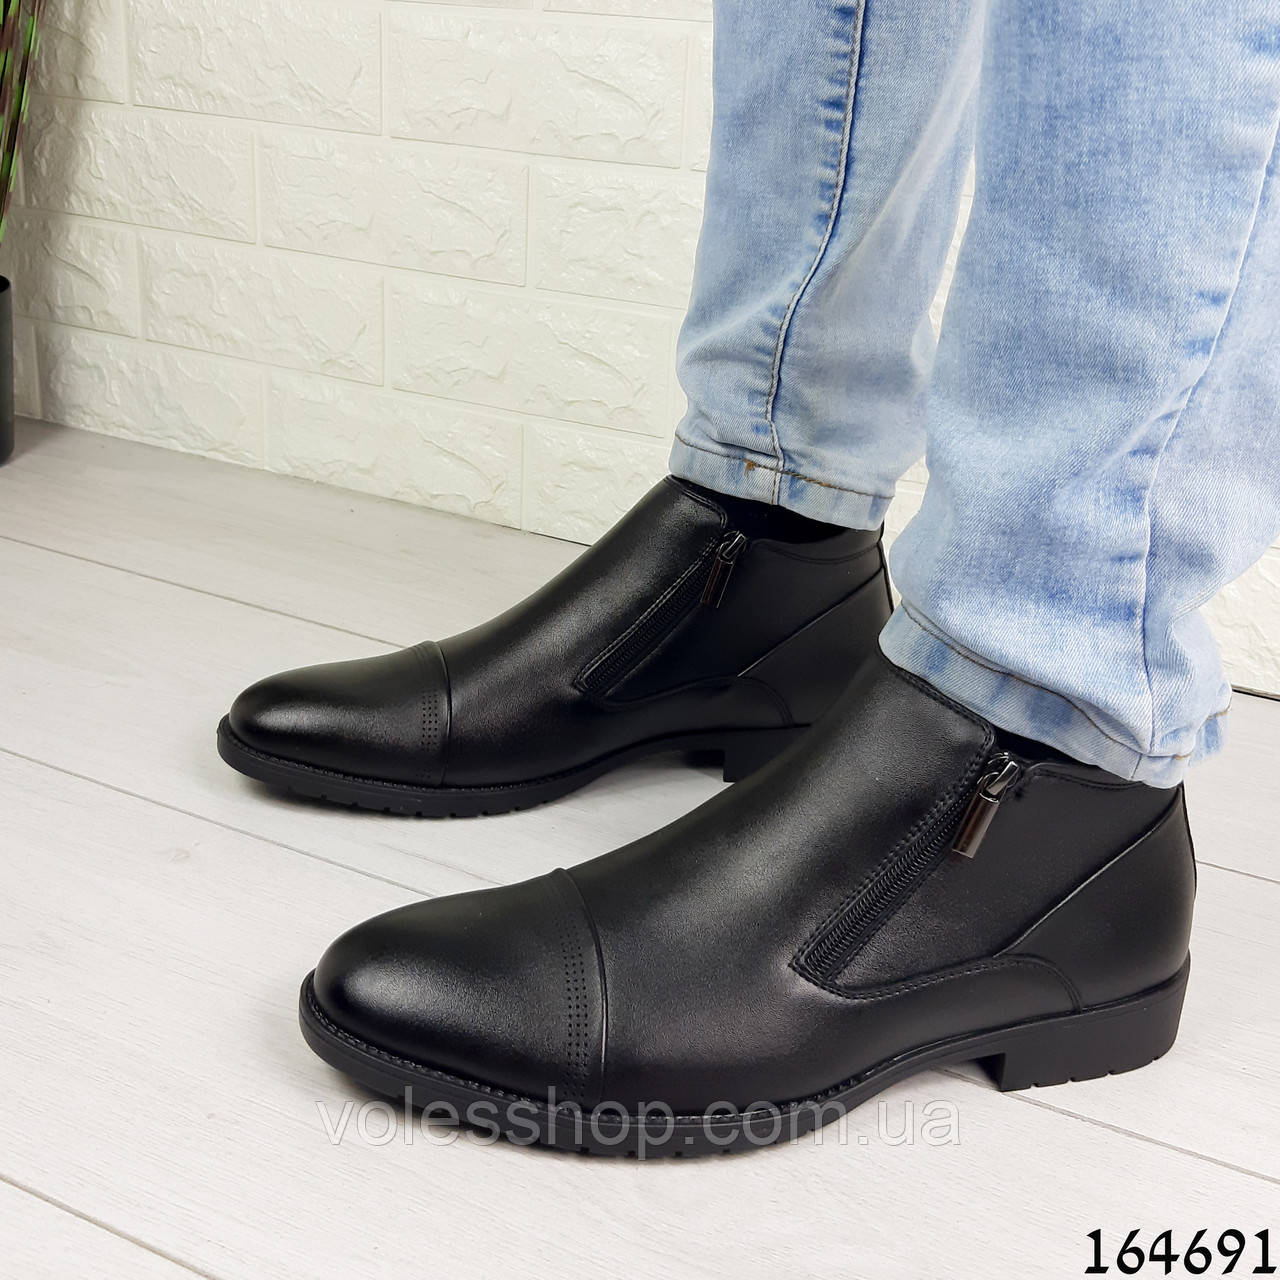 Ботинки туфли мужские демисезонные черные из эко кожи внутри флис (легкий эко мех)